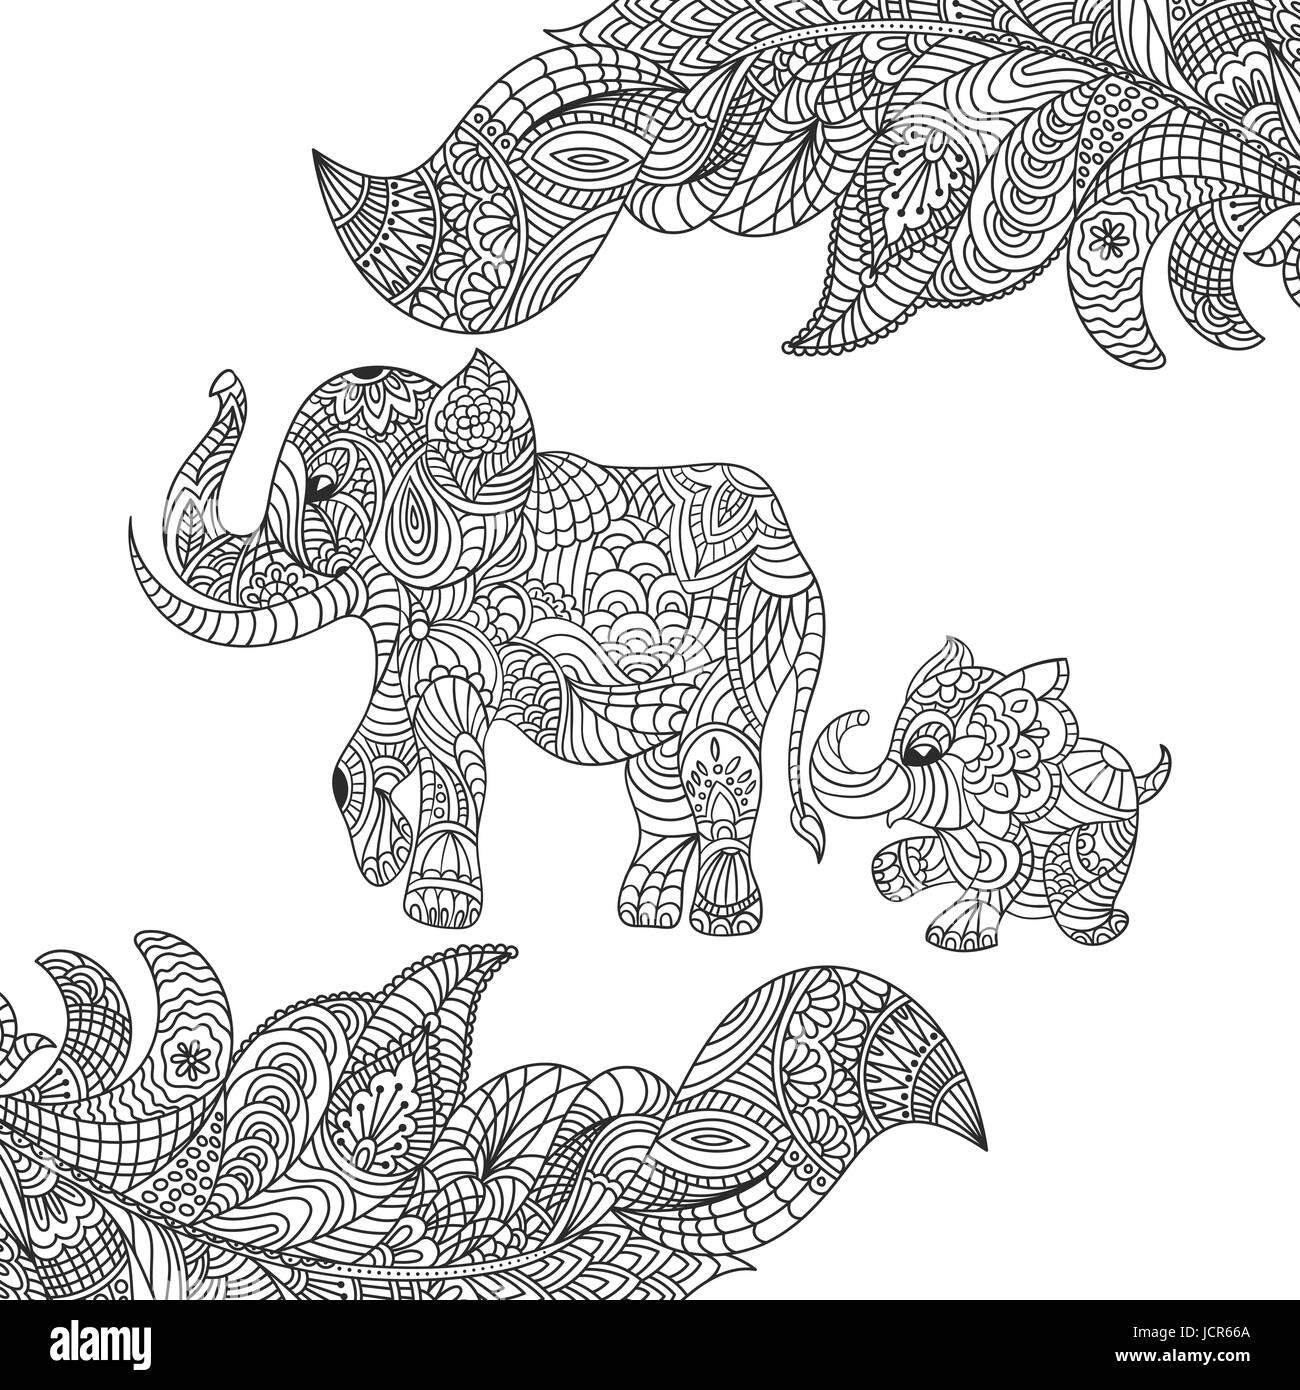 Coloriage Bebe Elephant.La Main Zentagle Monochrome Vector Illustration D Un Elephant Et